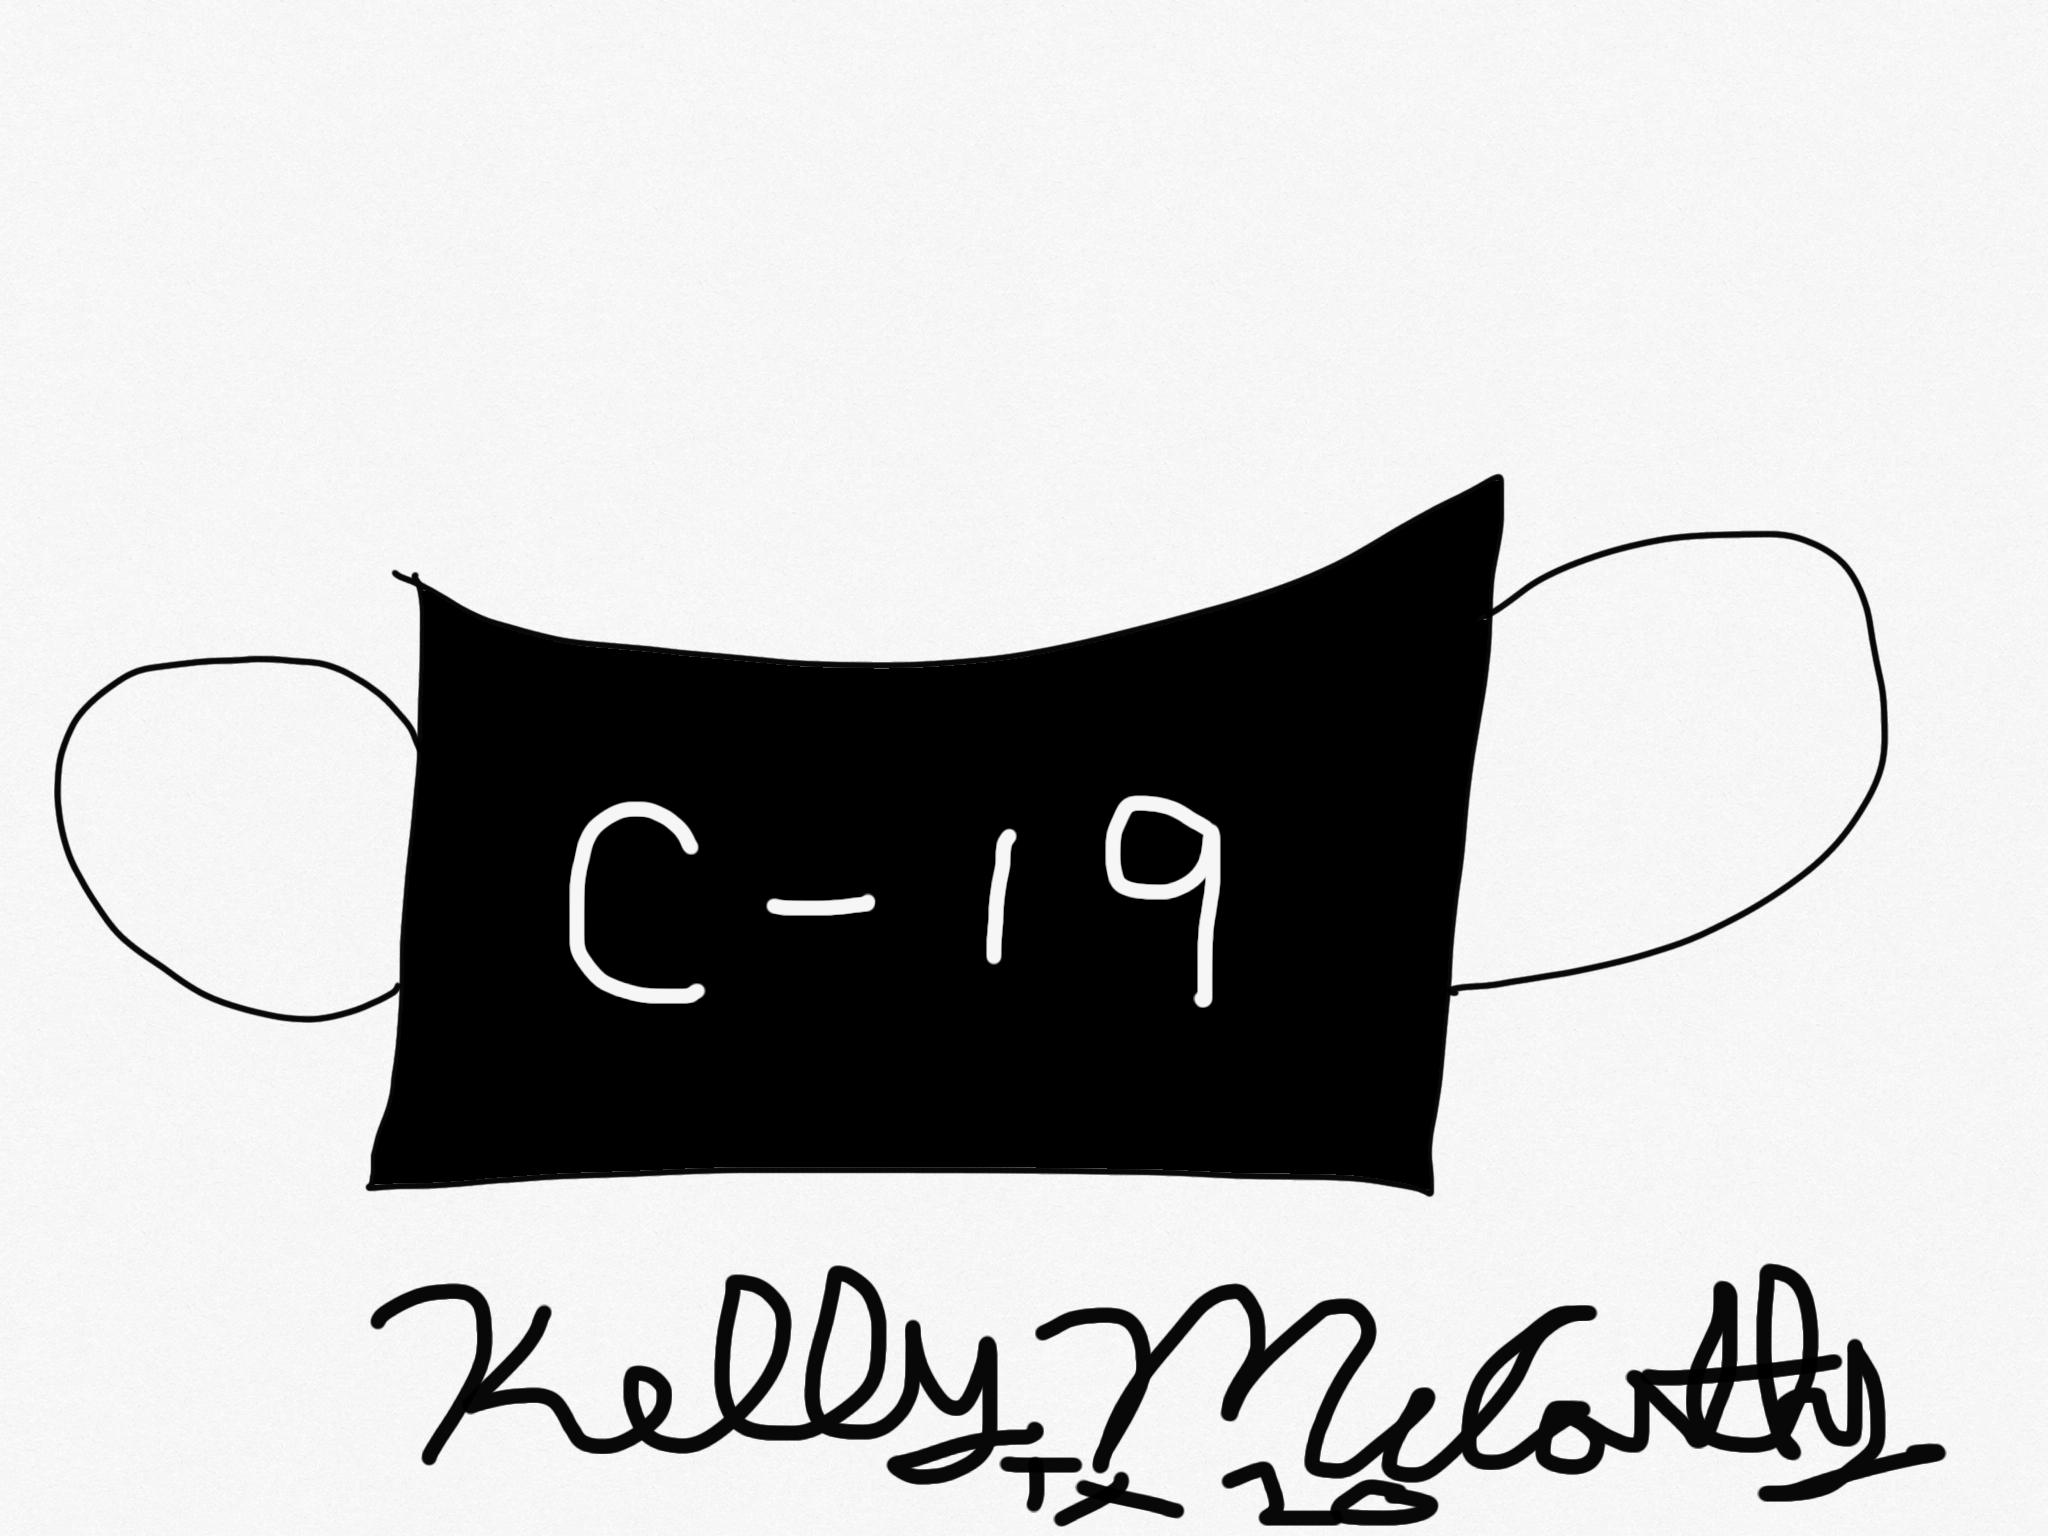 Pin by Kelly McCarthy on Rear pops in 2020 Pop